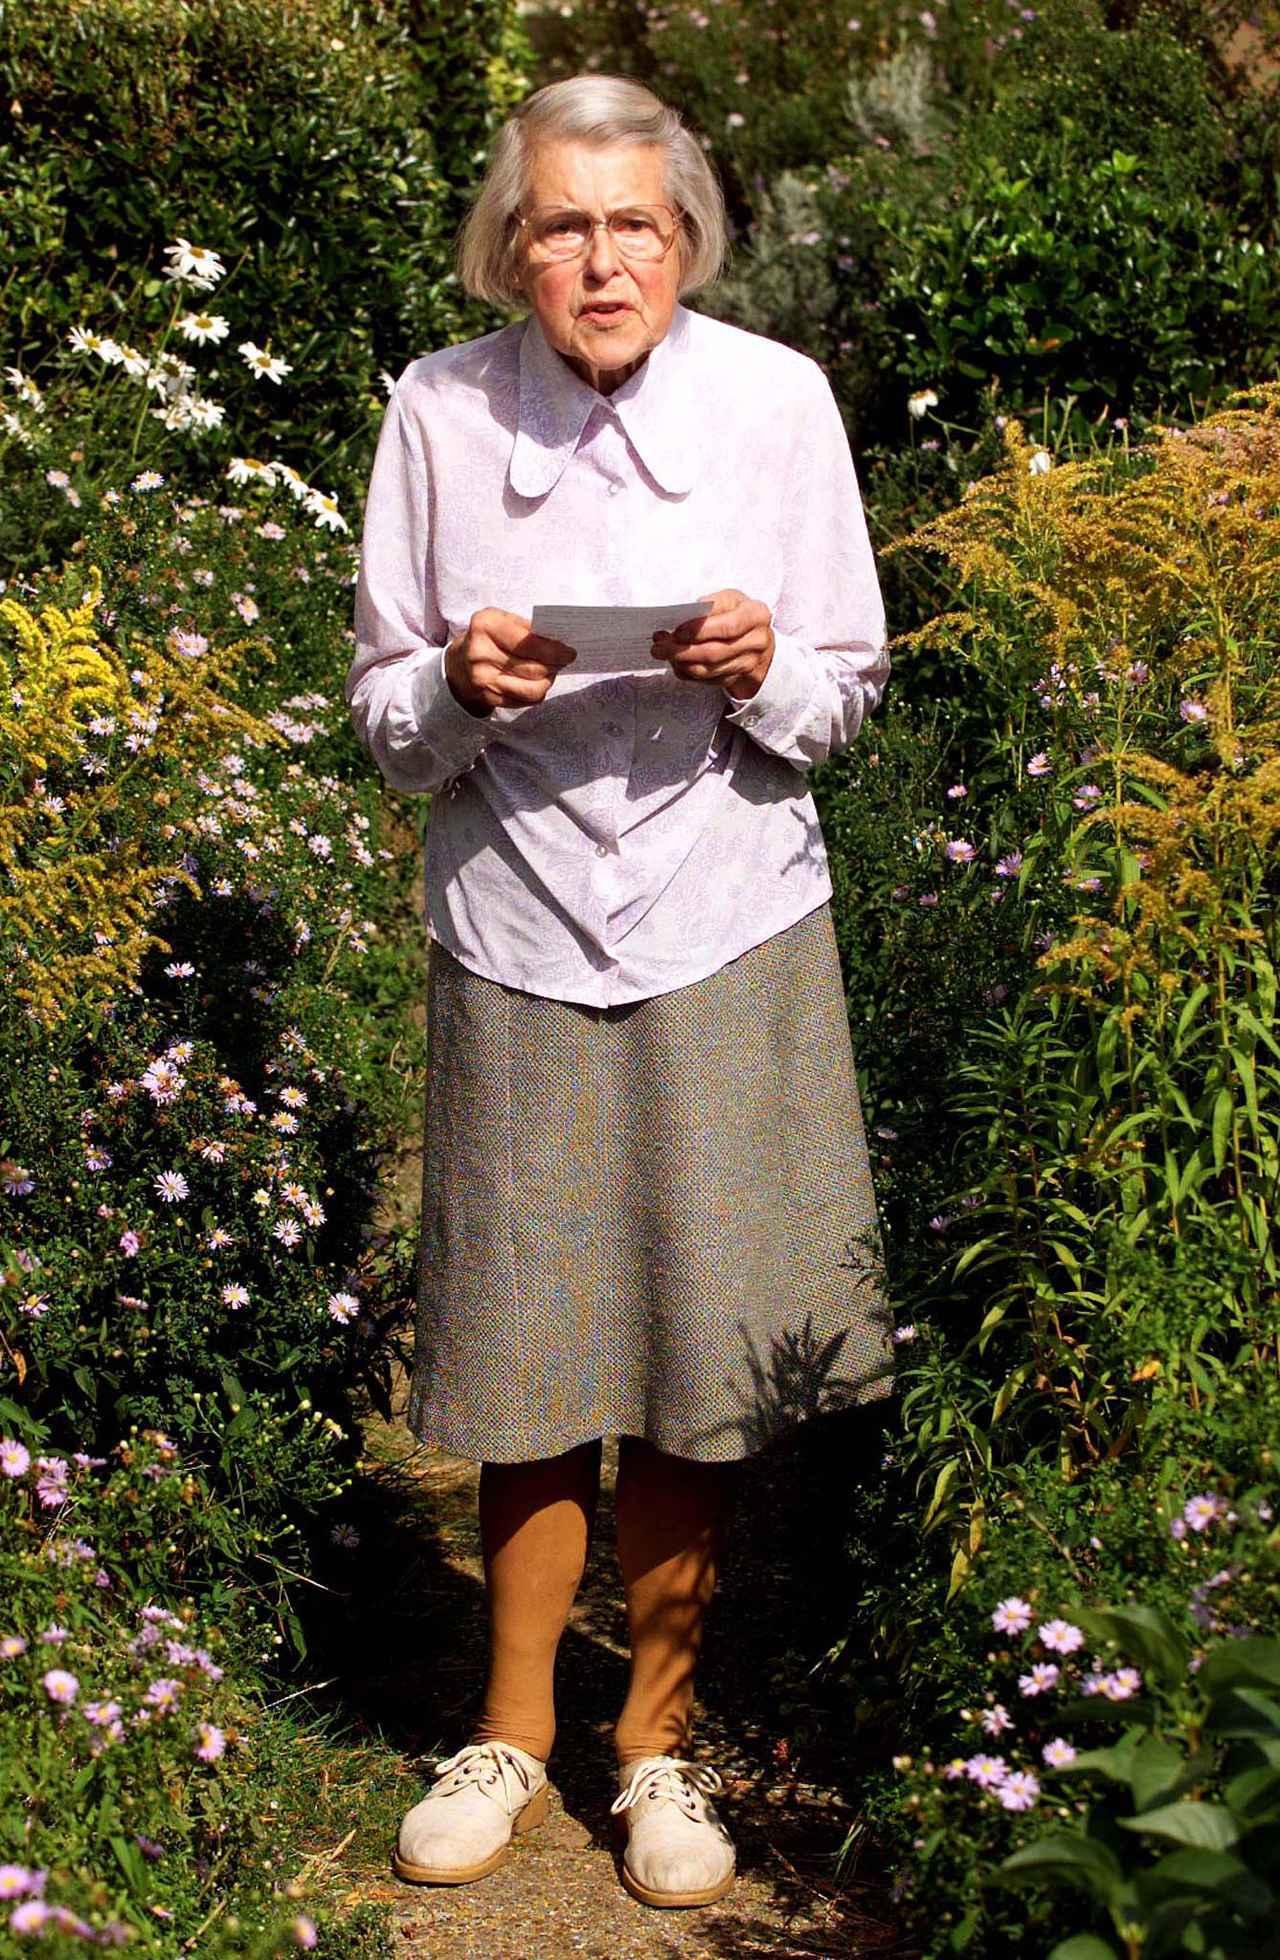 画像: 写真:ロイター/アフロ 自宅前でマスコミに向けて手紙を読み上げるメリタ・ノーウッド。 劇中でもジュディが同様に演じている